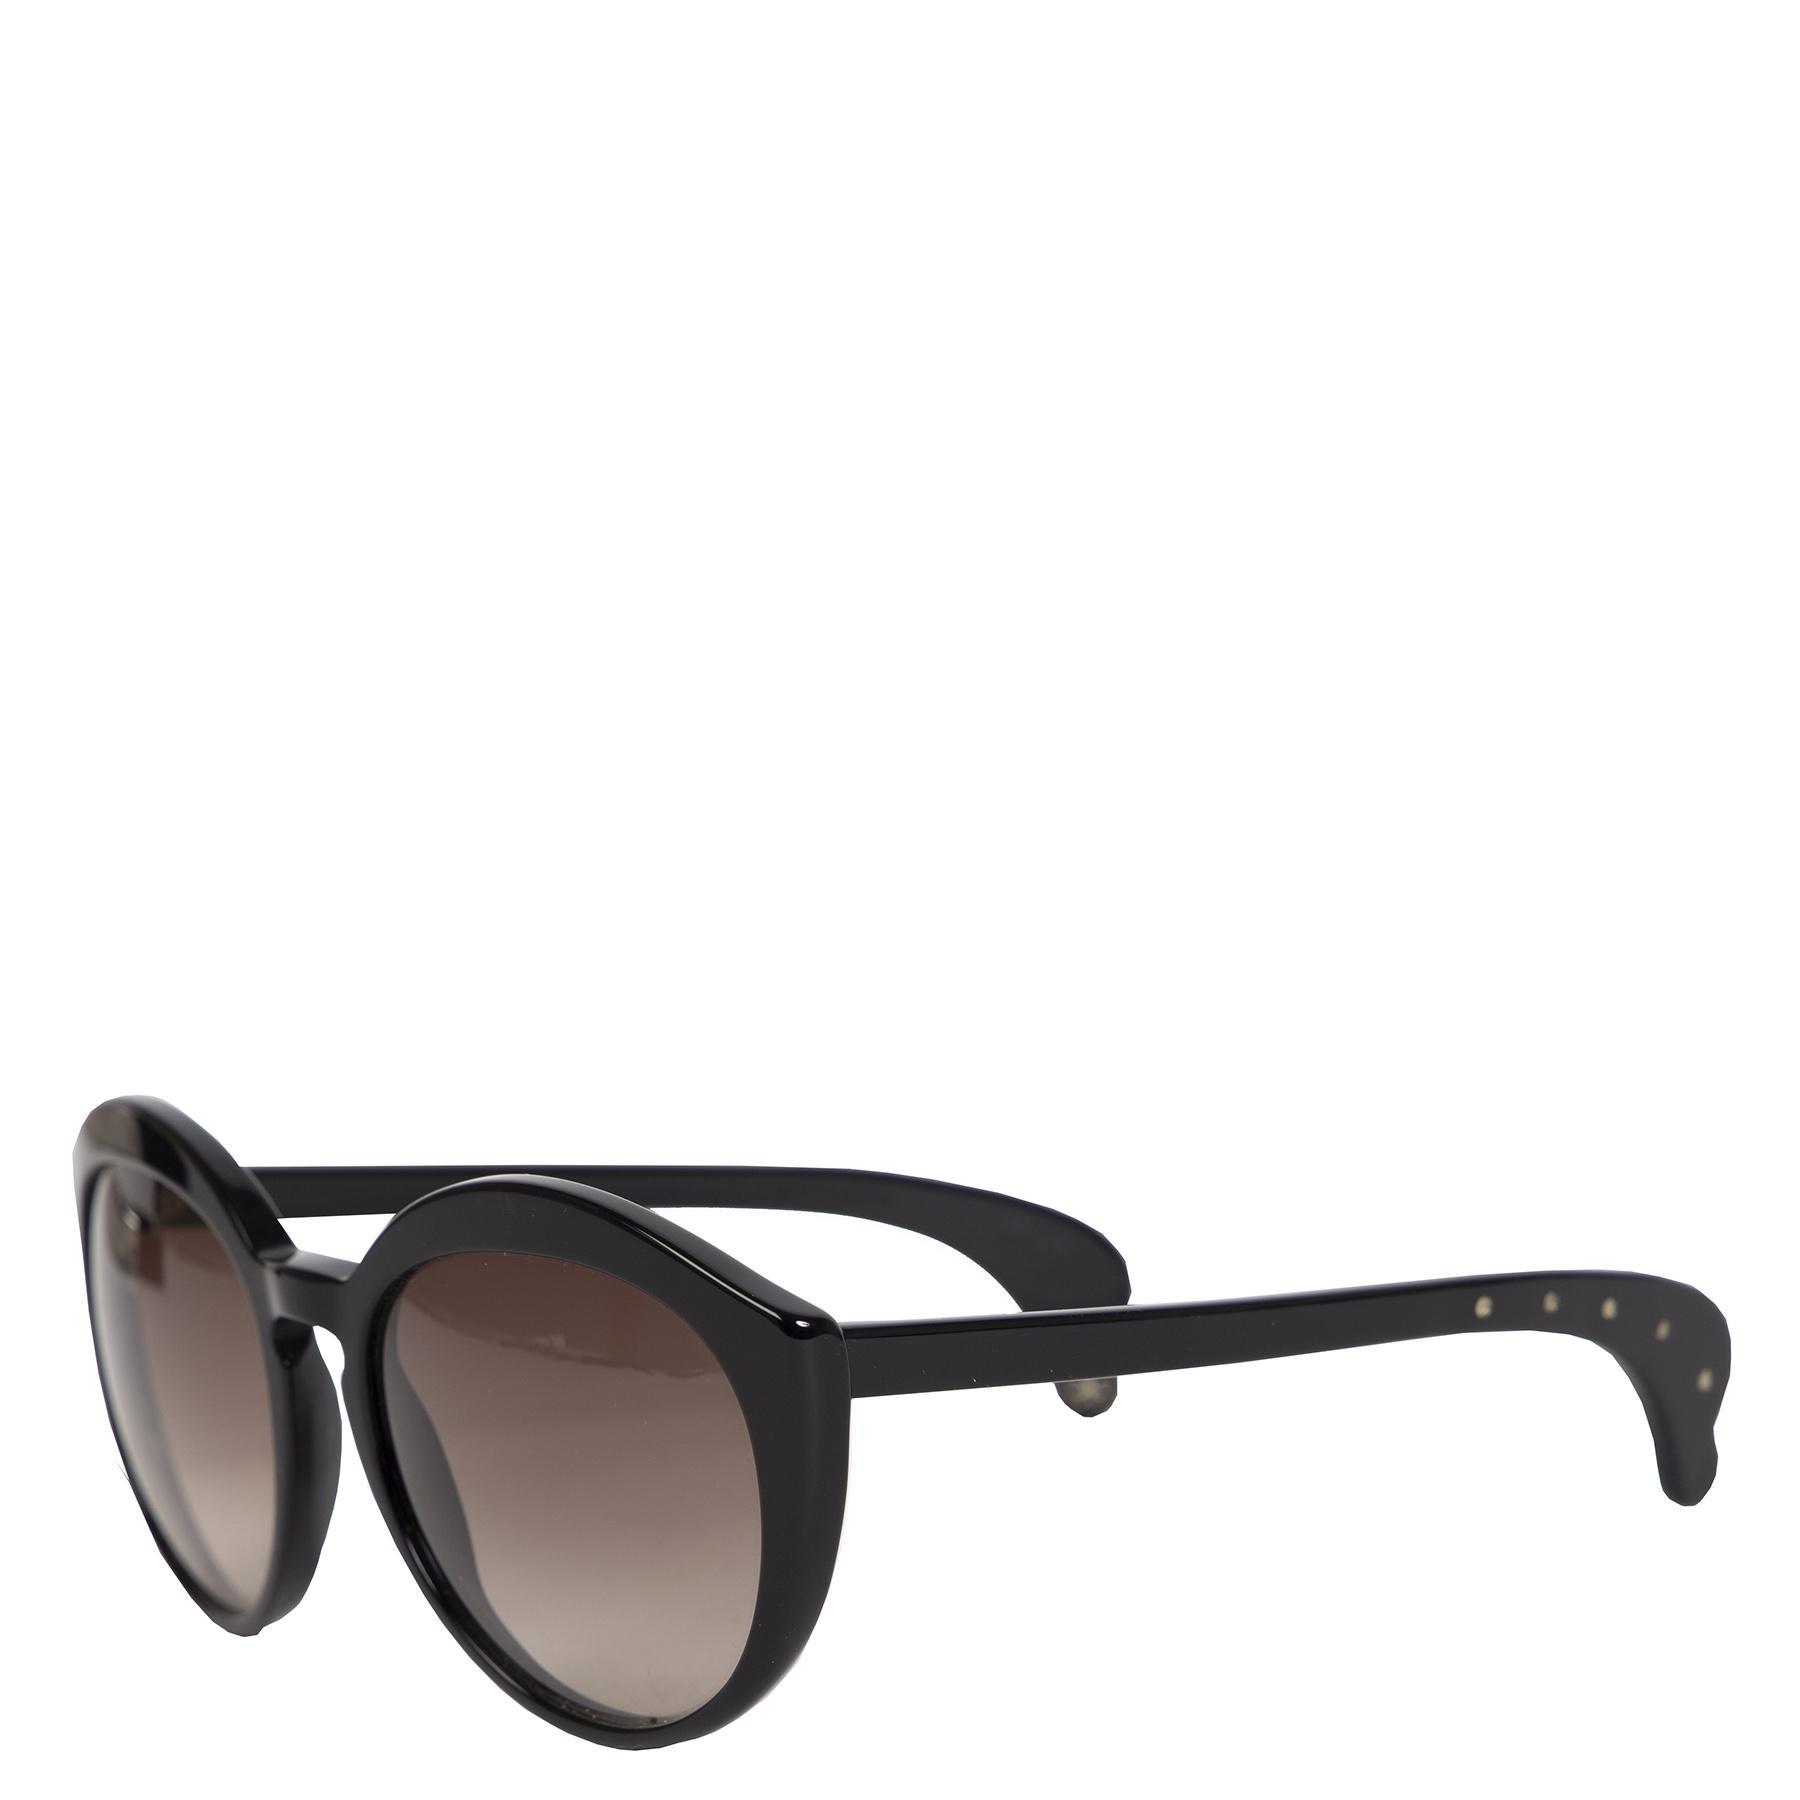 Authentieke Tweedehands Bottega Veneta Black Brown Shaded Acetate Sunglasses juiste prijs veilig online shoppen luxe merken webshop winkelen Antwerpen België mode fashion